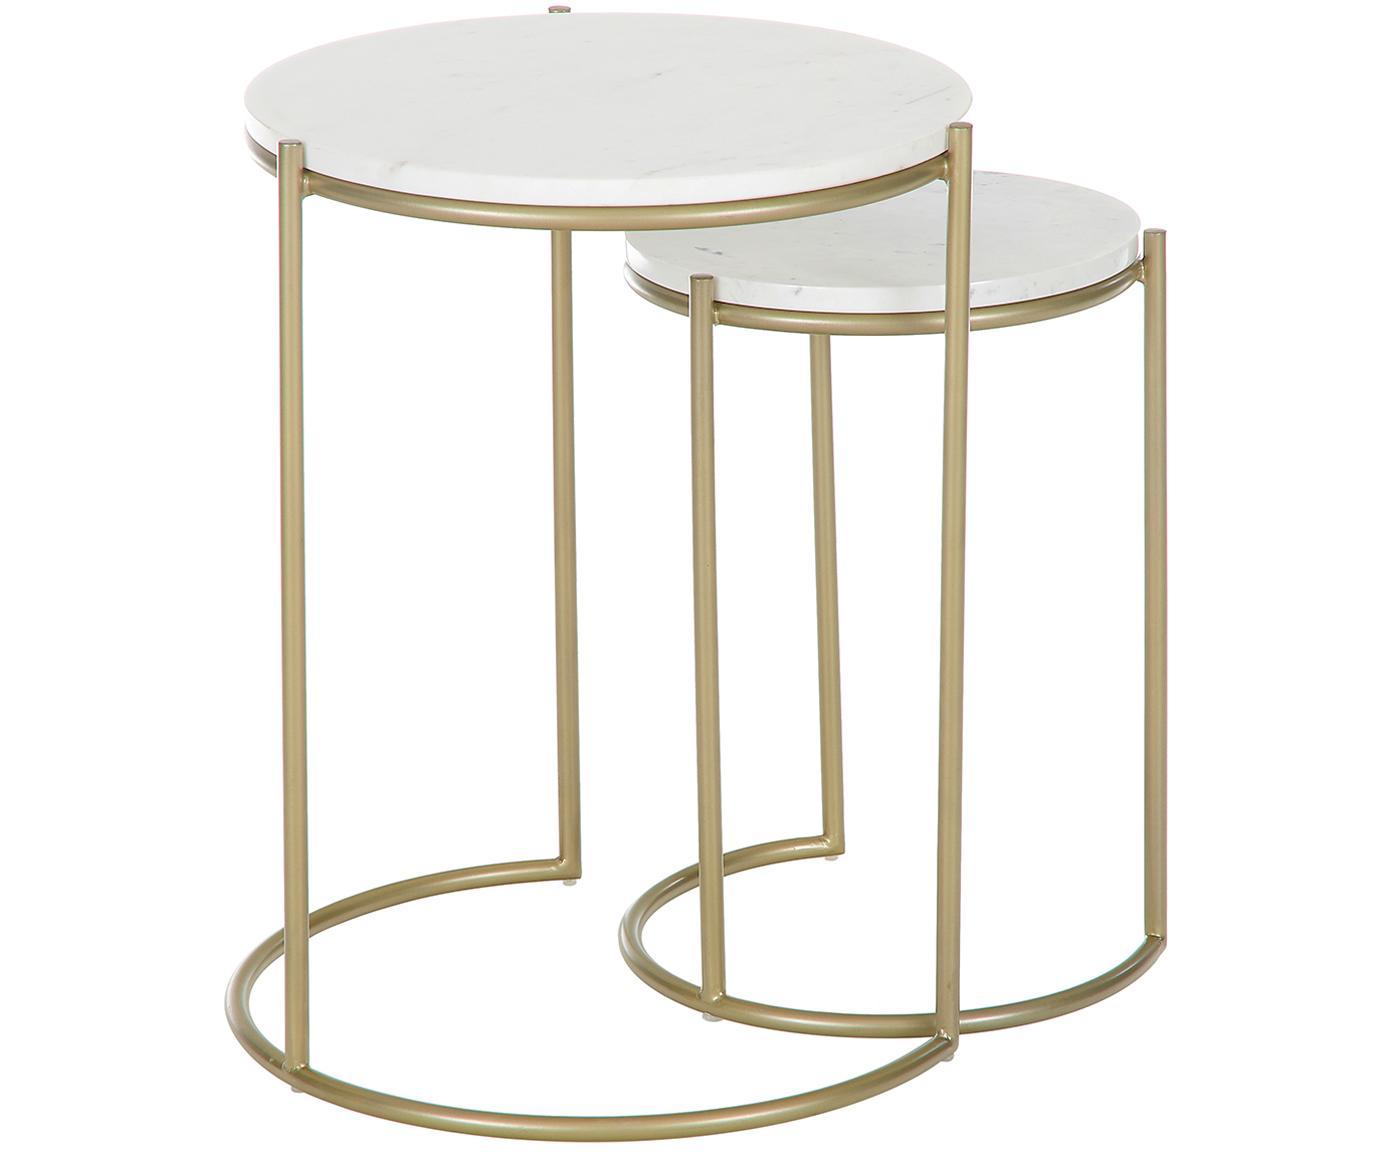 Set de mesas auxiliares de mármol Ella, Tablero: mármol natural, Estructura: metal con pintura en polv, Mármol blanco, dorado, Tamaños diferentes